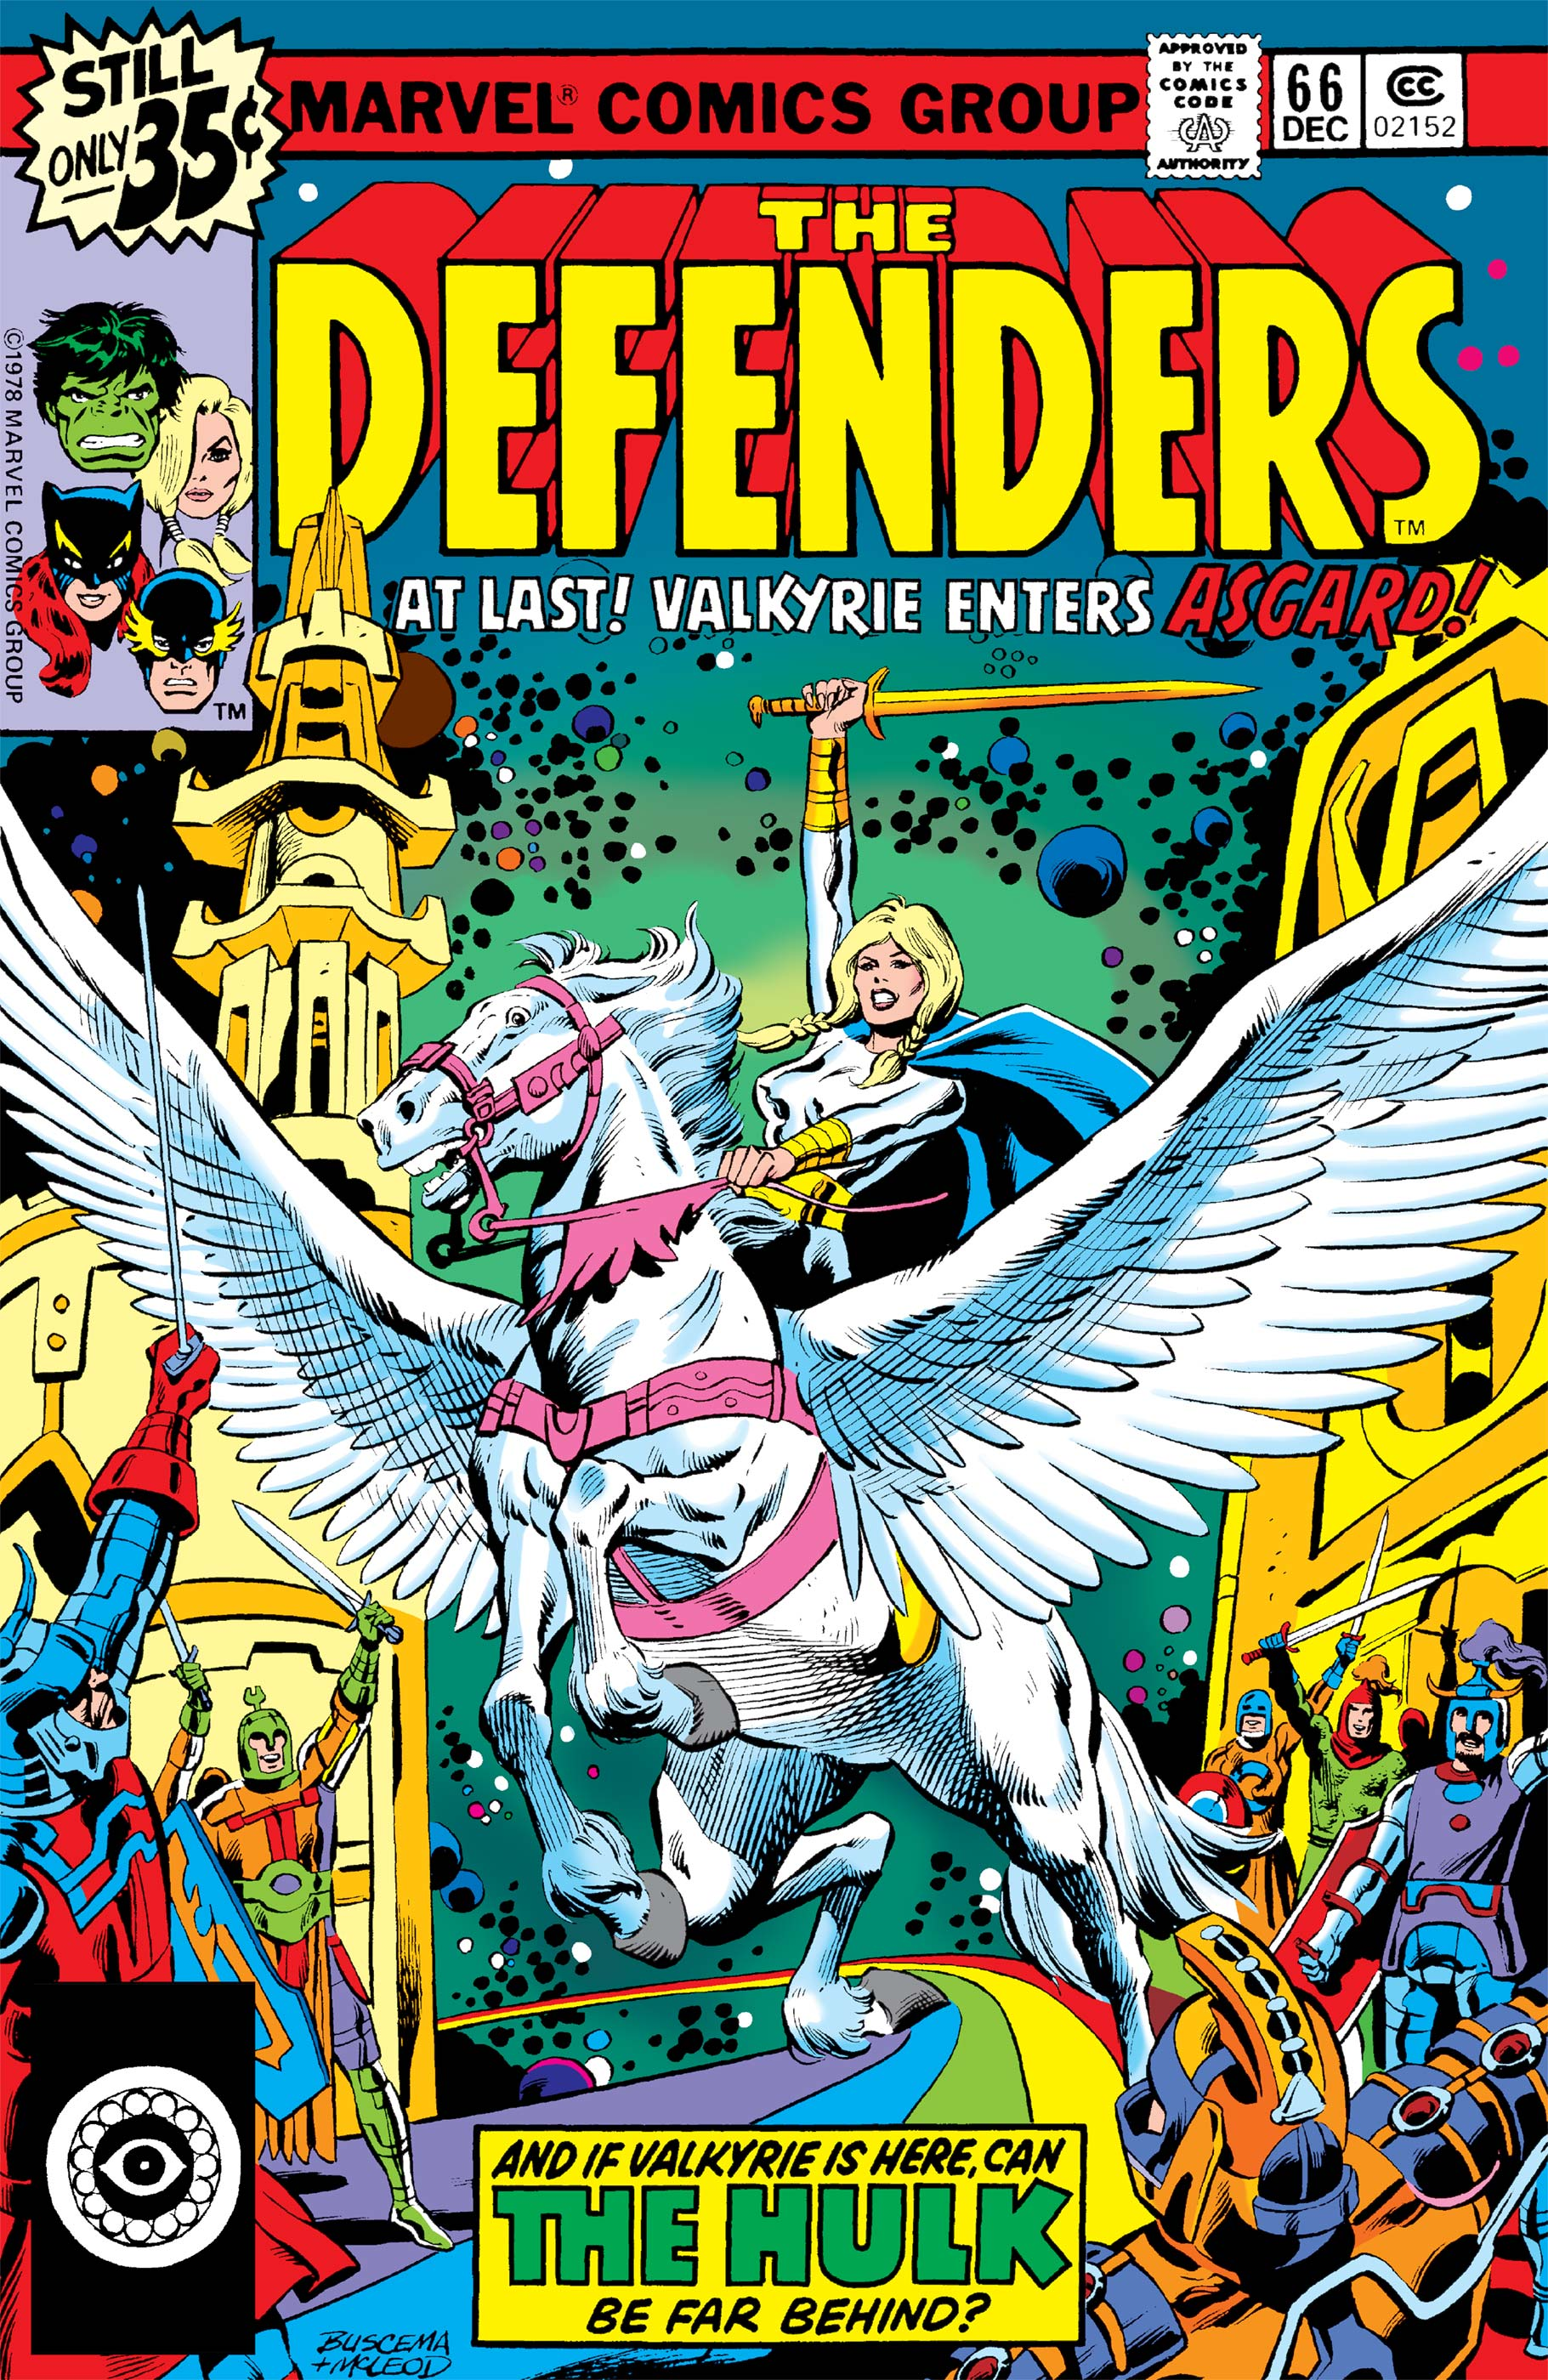 Defenders (1972) #66